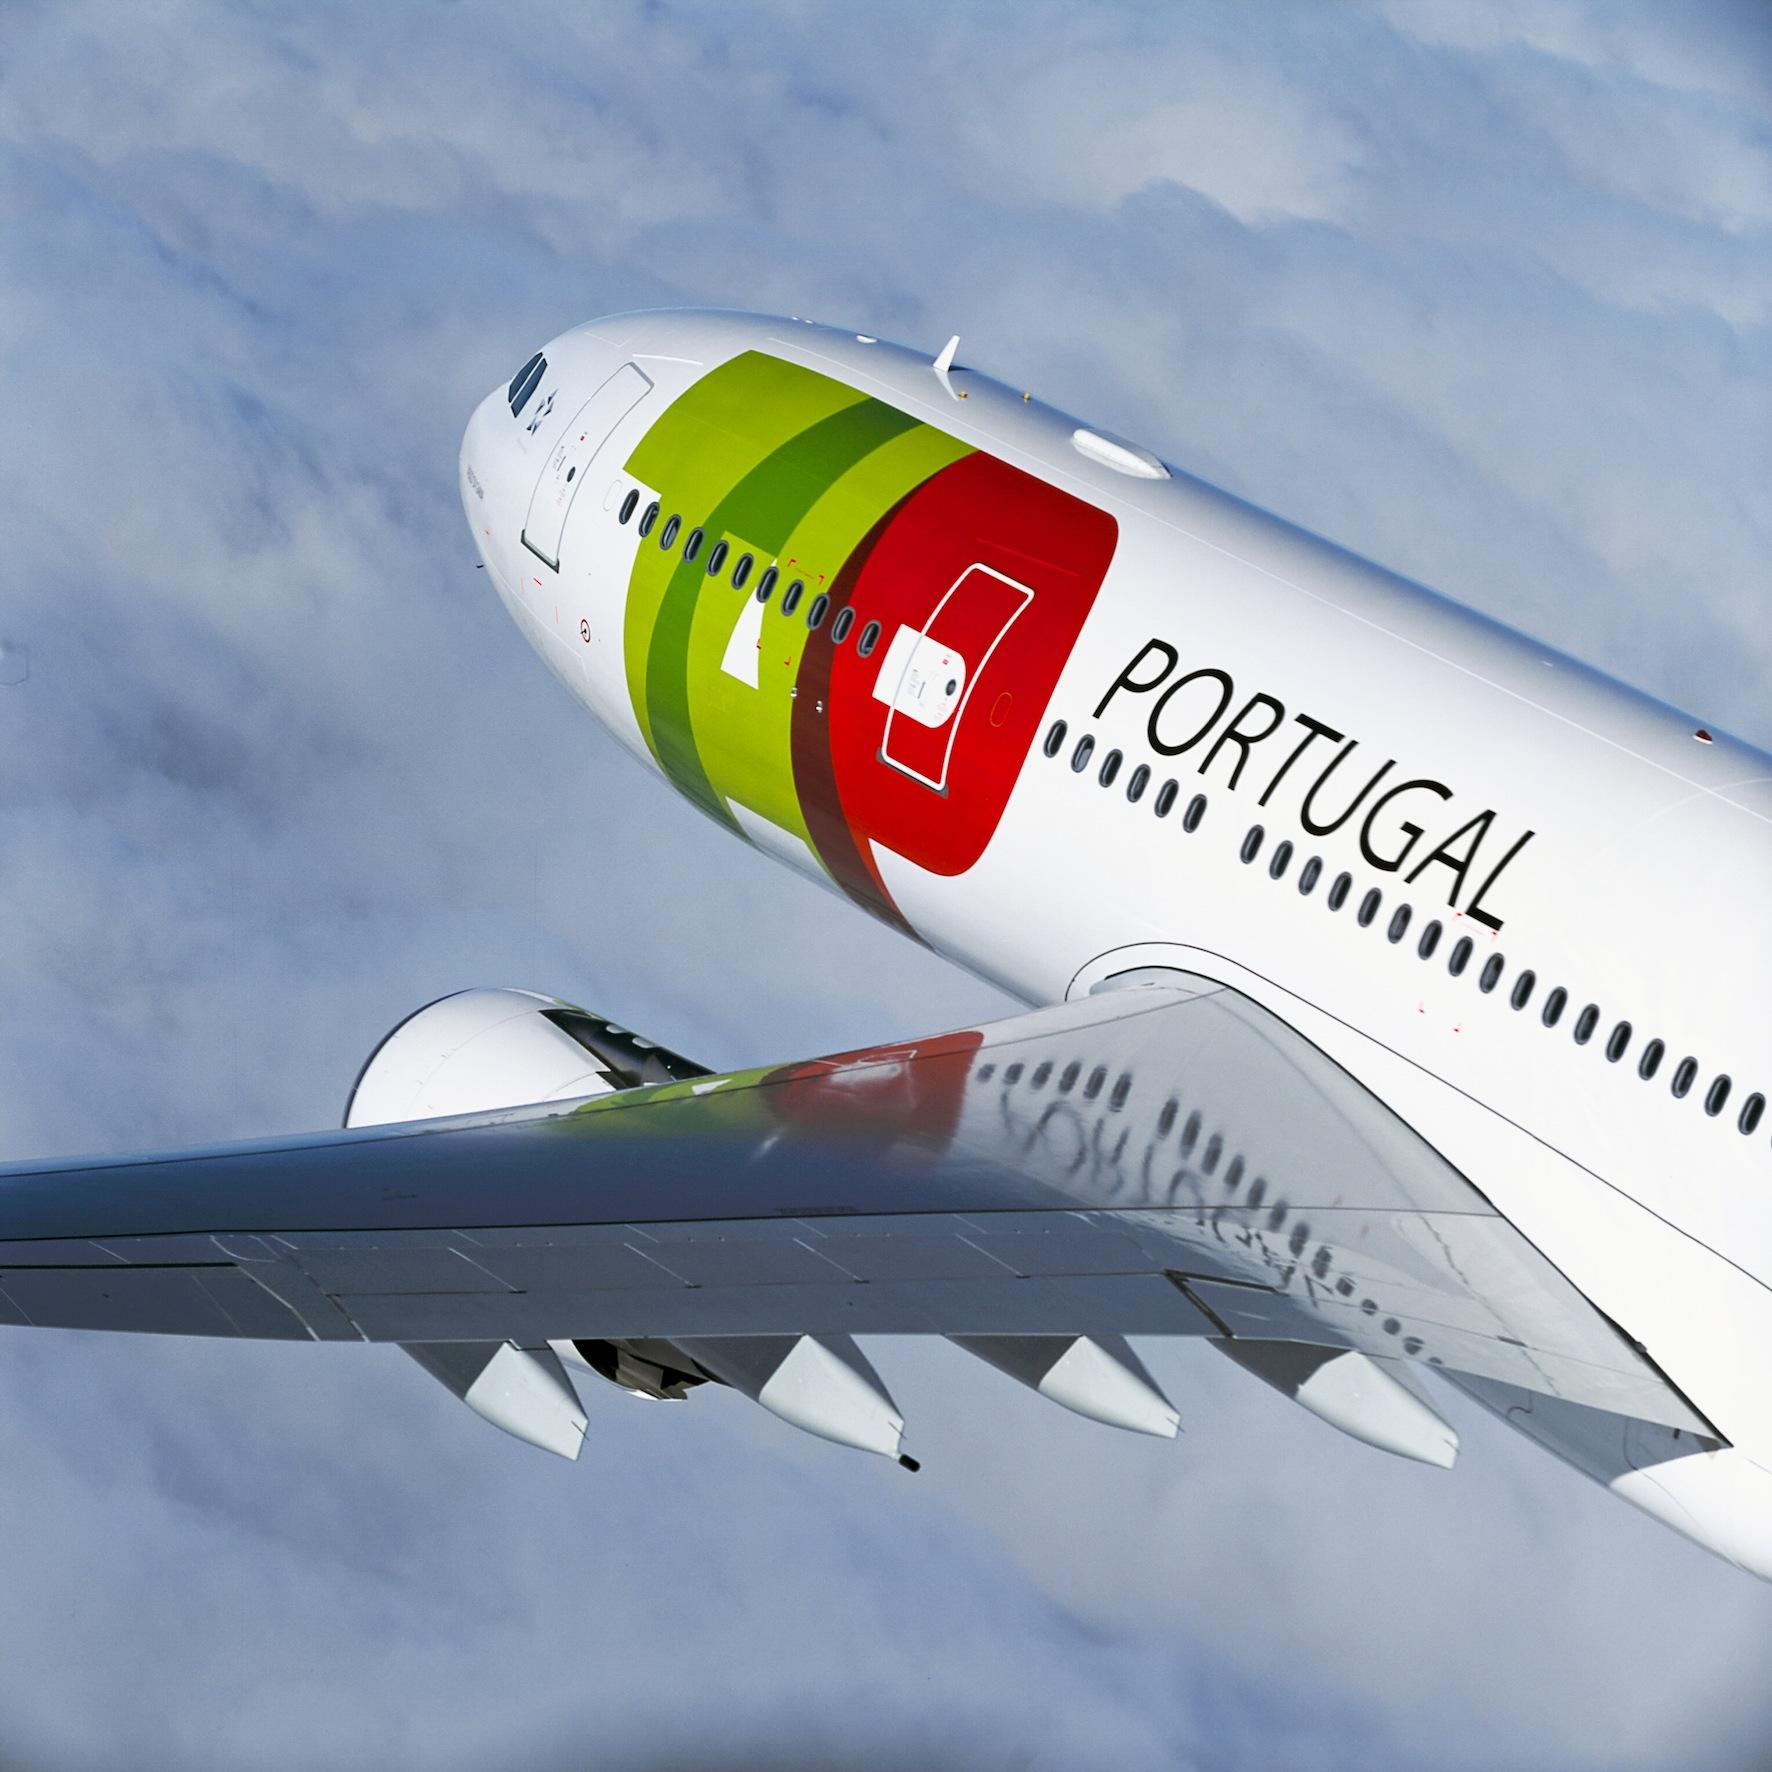 Dal 1 luglio ripartono i collegamenti TAP tra Italia e Portogallo, con voli da Roma e Milano verso Lisbona